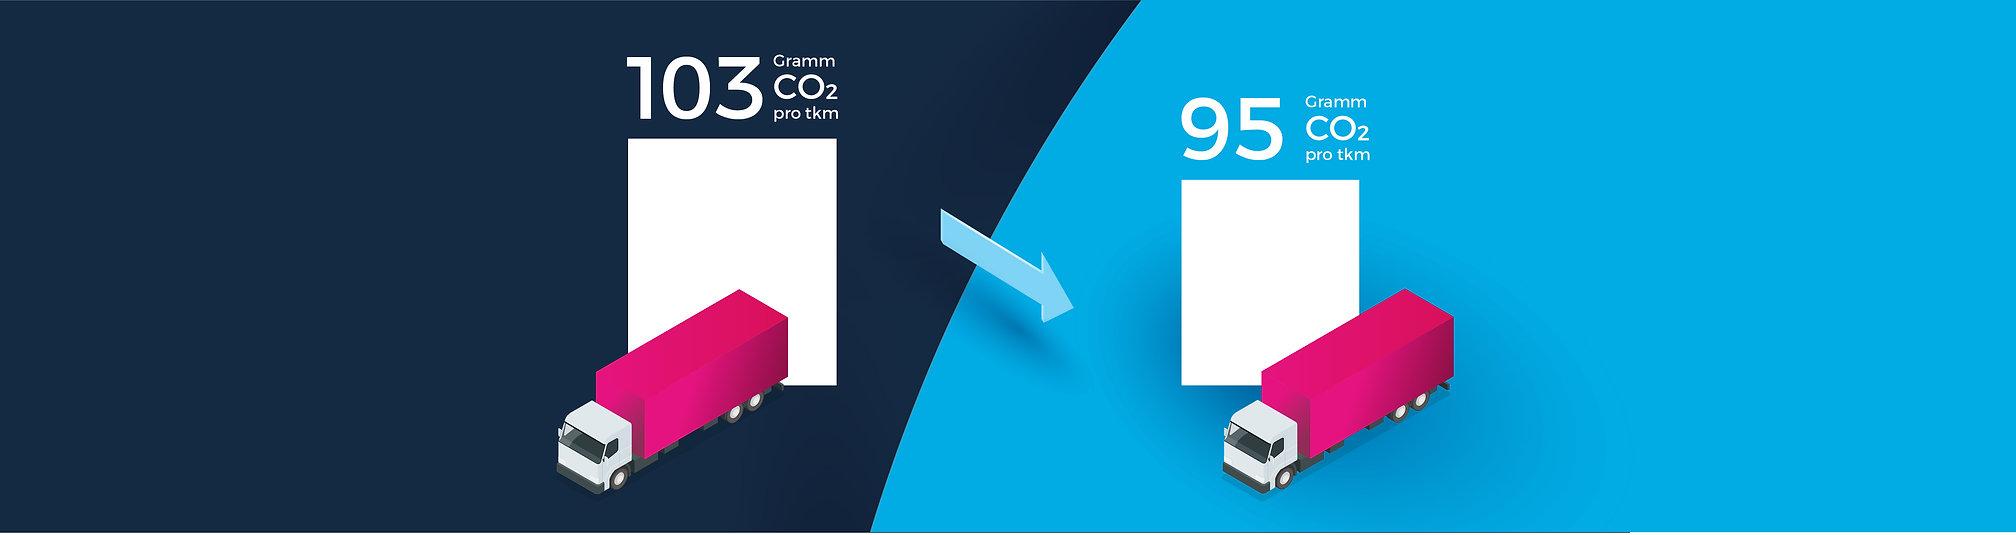 Nachhaltigkeit_CO2_Reduktion_Illu-27.jpg